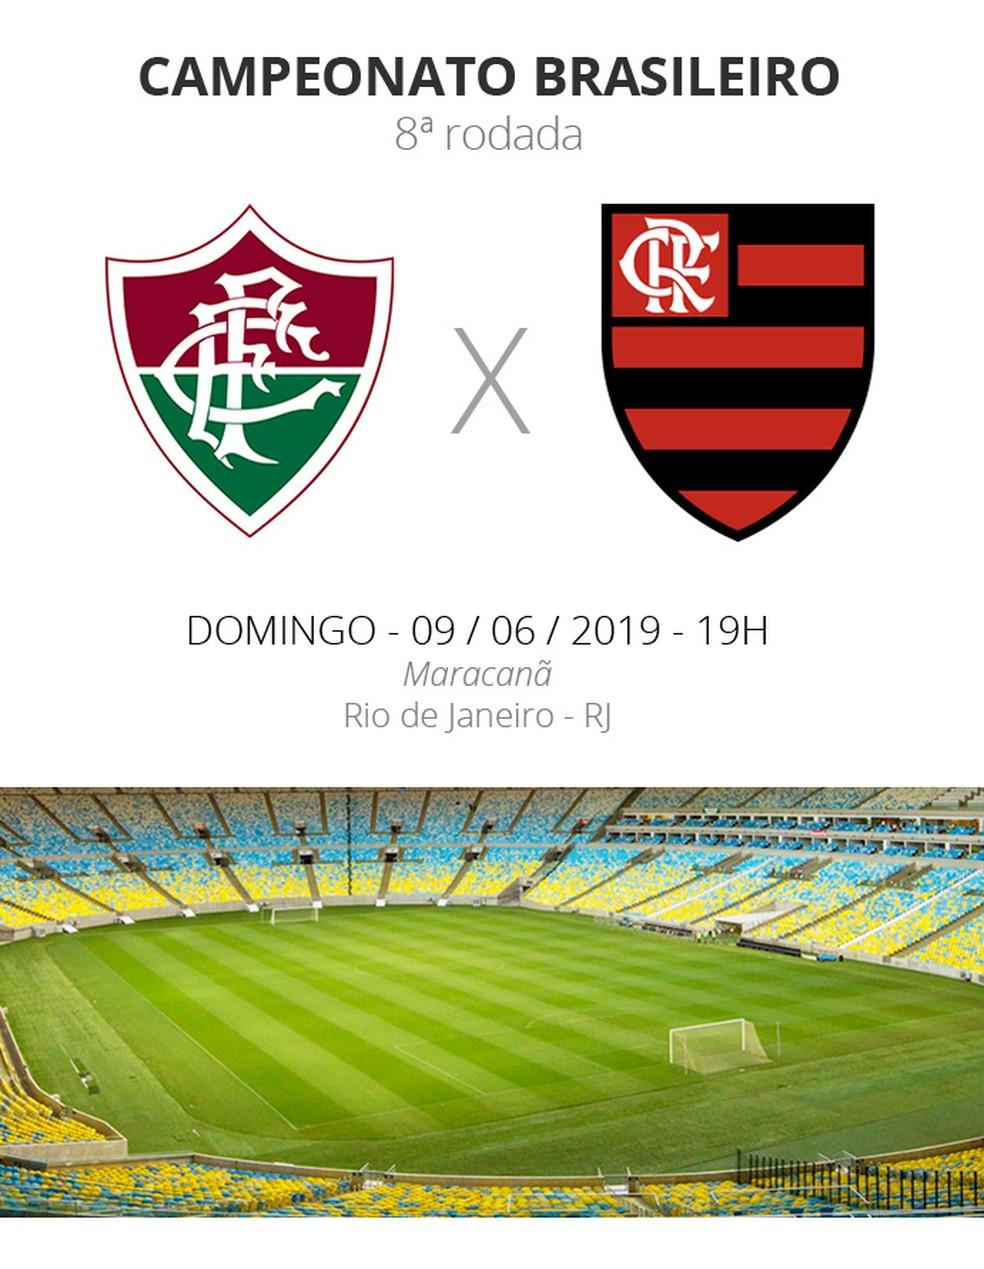 Fluminense X Flamengo Tudo O Que Voce Precisa Saber Sobre O Jogo Da Rodada 8